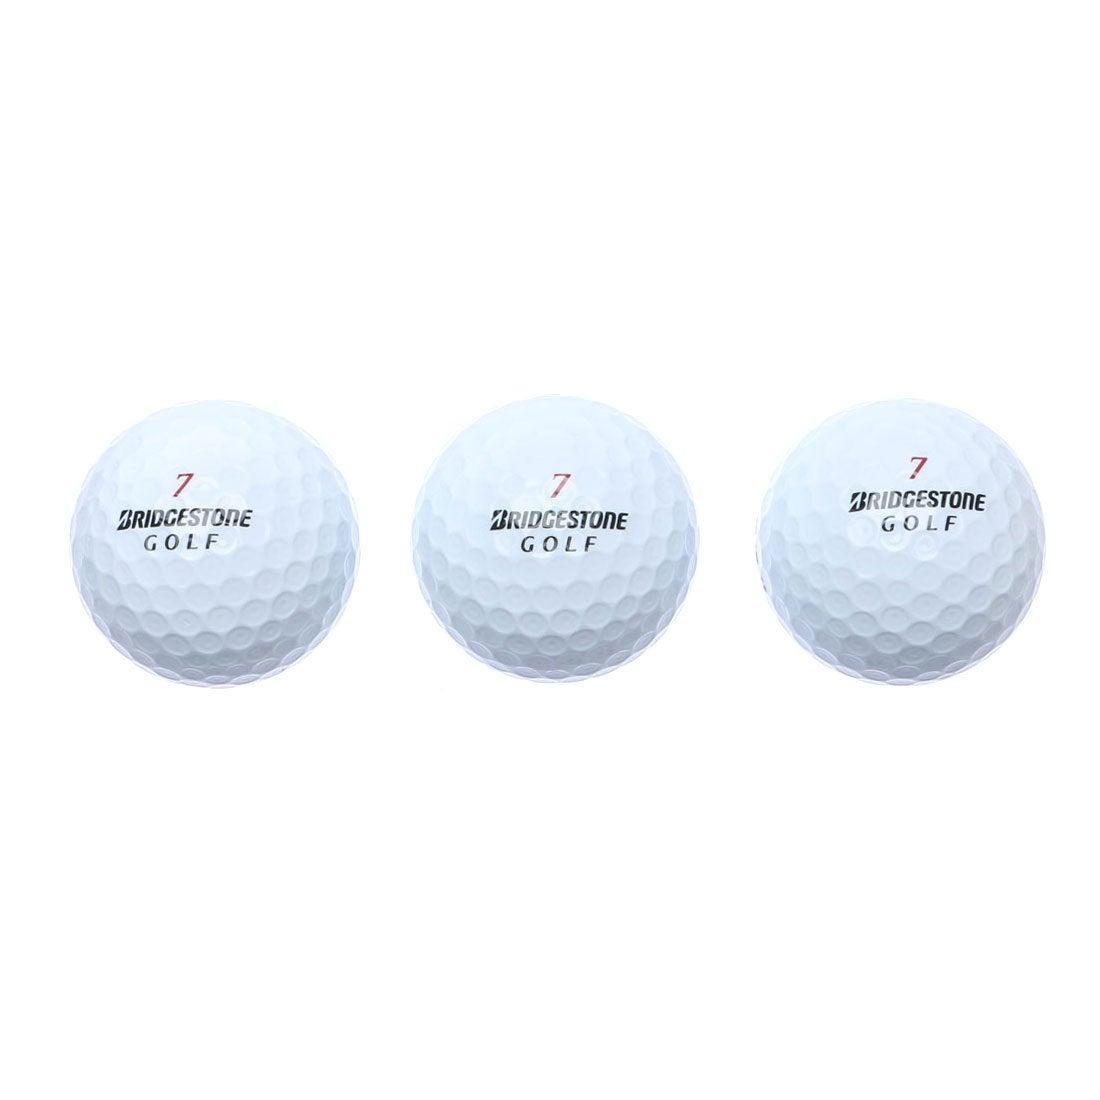 ブリヂストンゴルフ BRIDGESTONE GOLF ゴルフ 公認球 TOUR B X ホワイト BSG ロゴ 8BBXJ